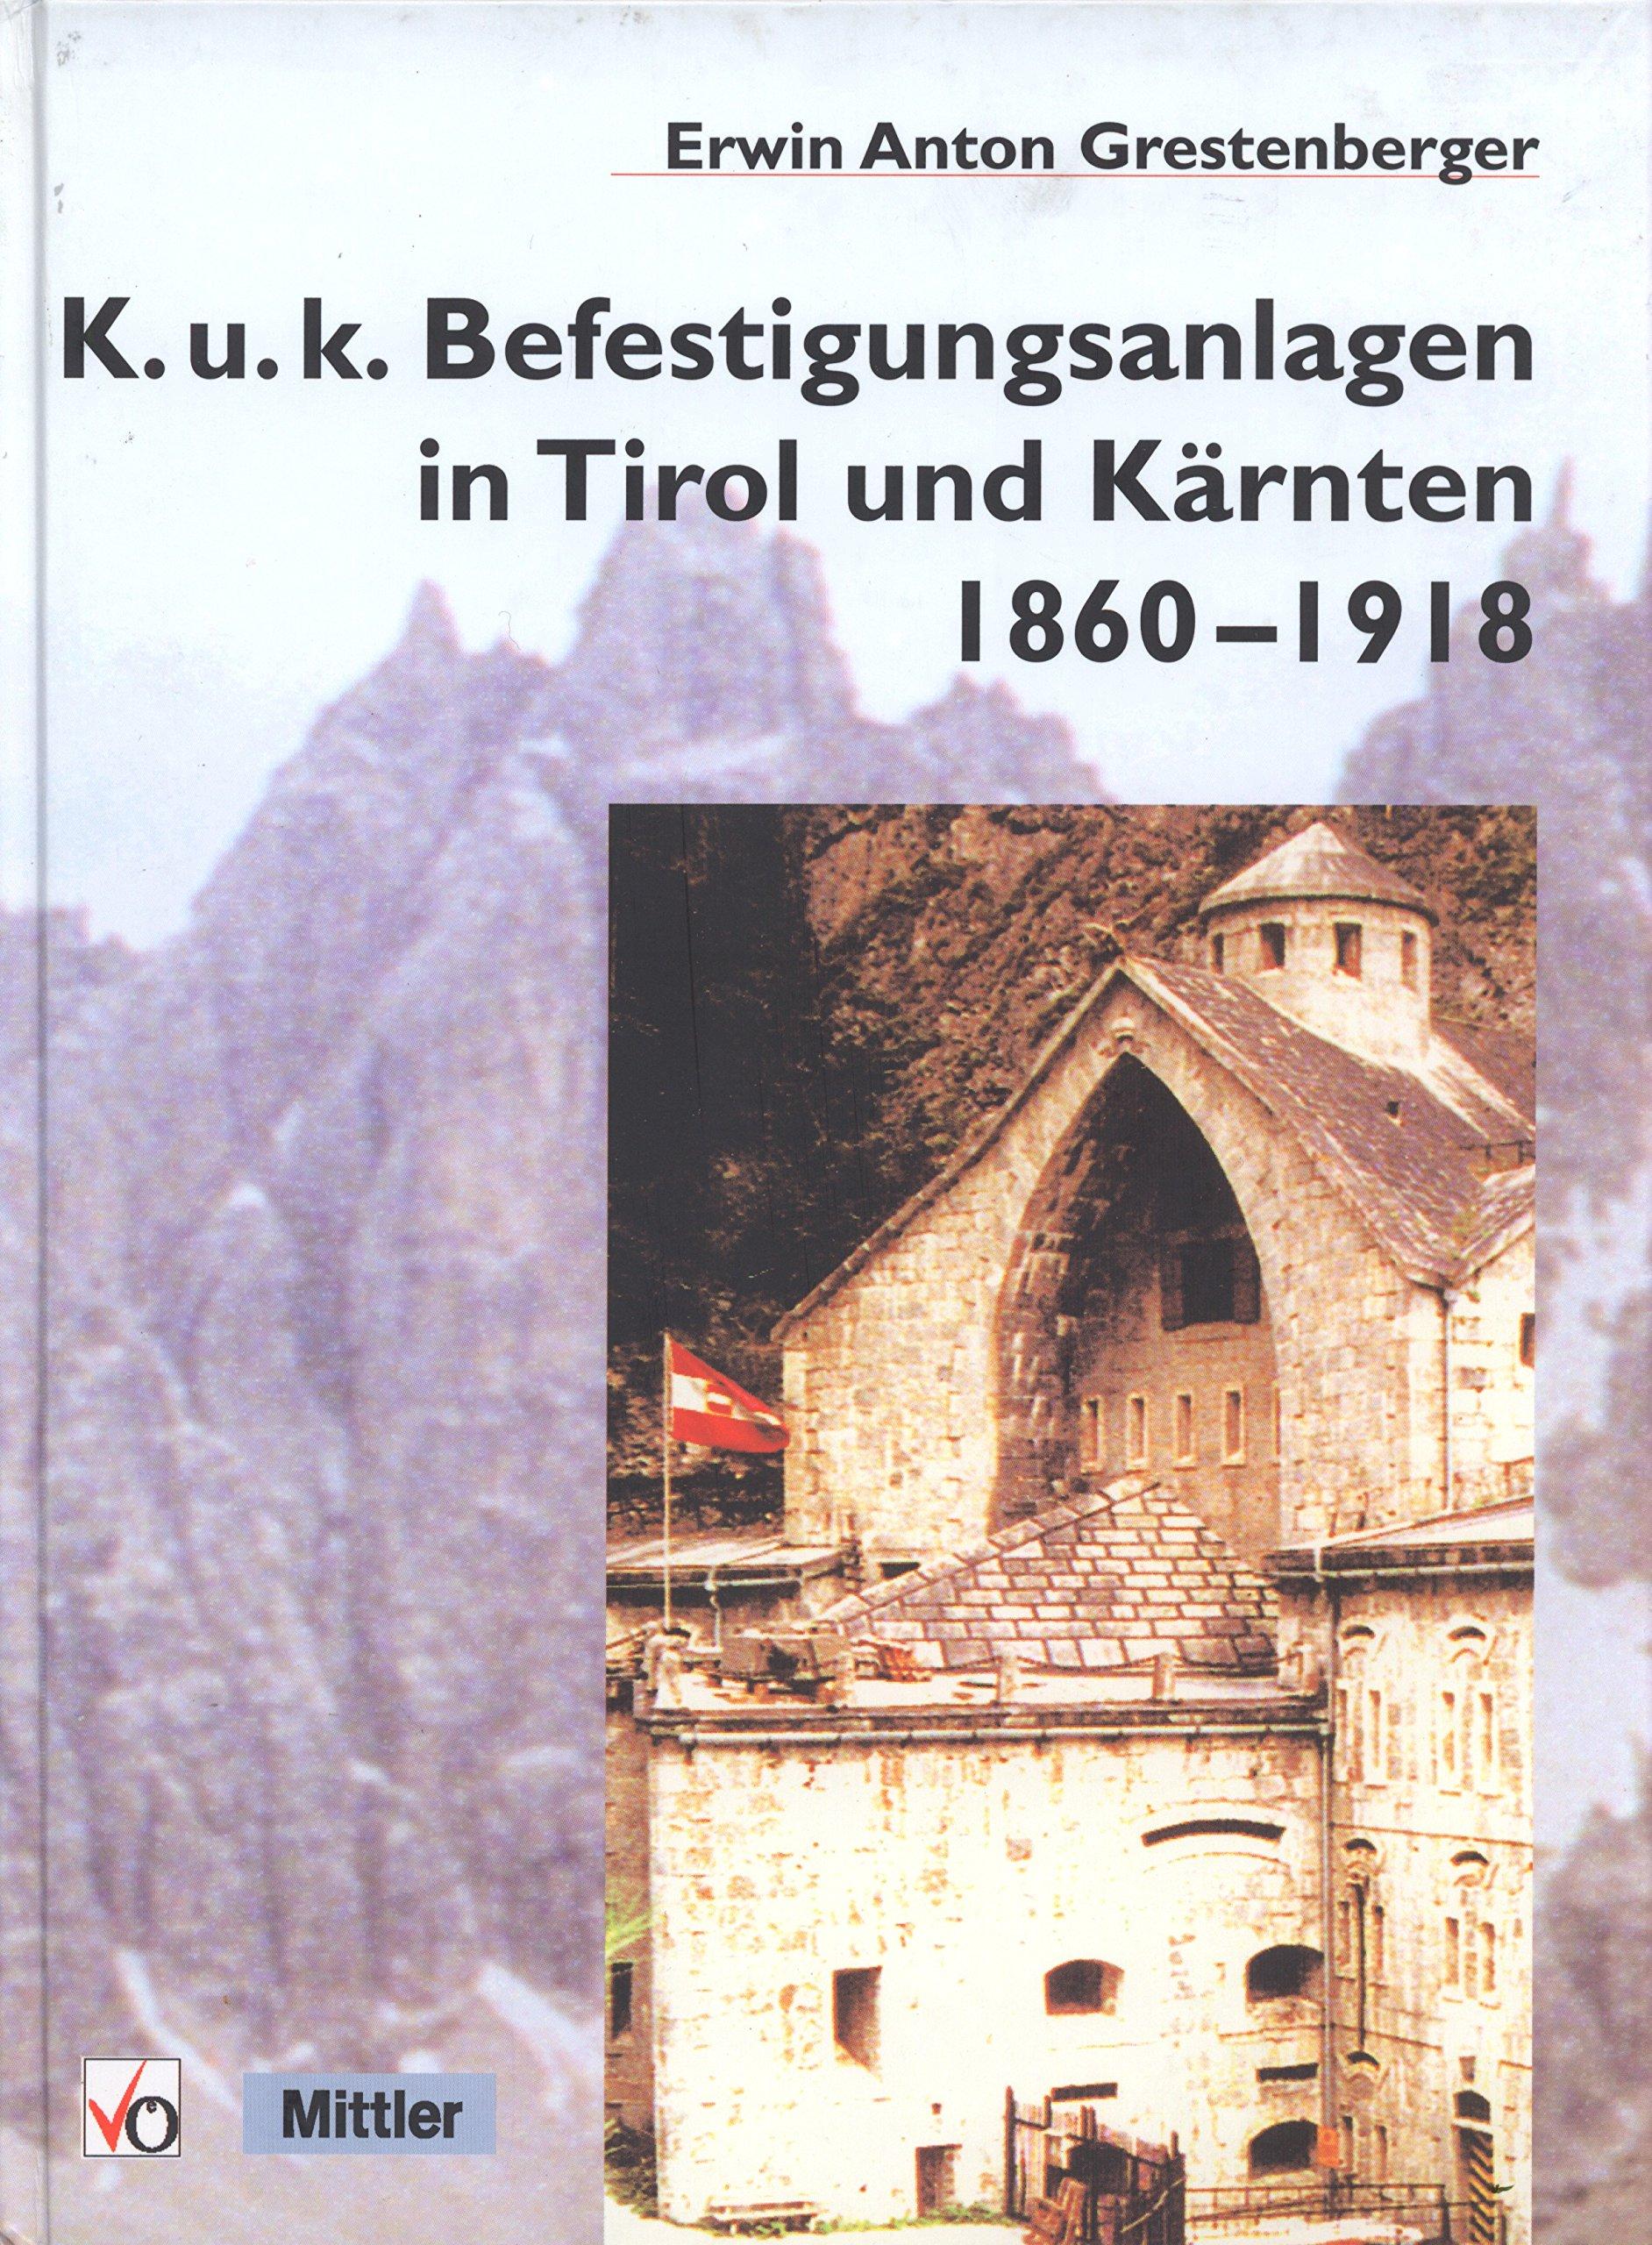 K.u.k.-Befestigungsanlagen in Tirol und Kärnten 1860-1918